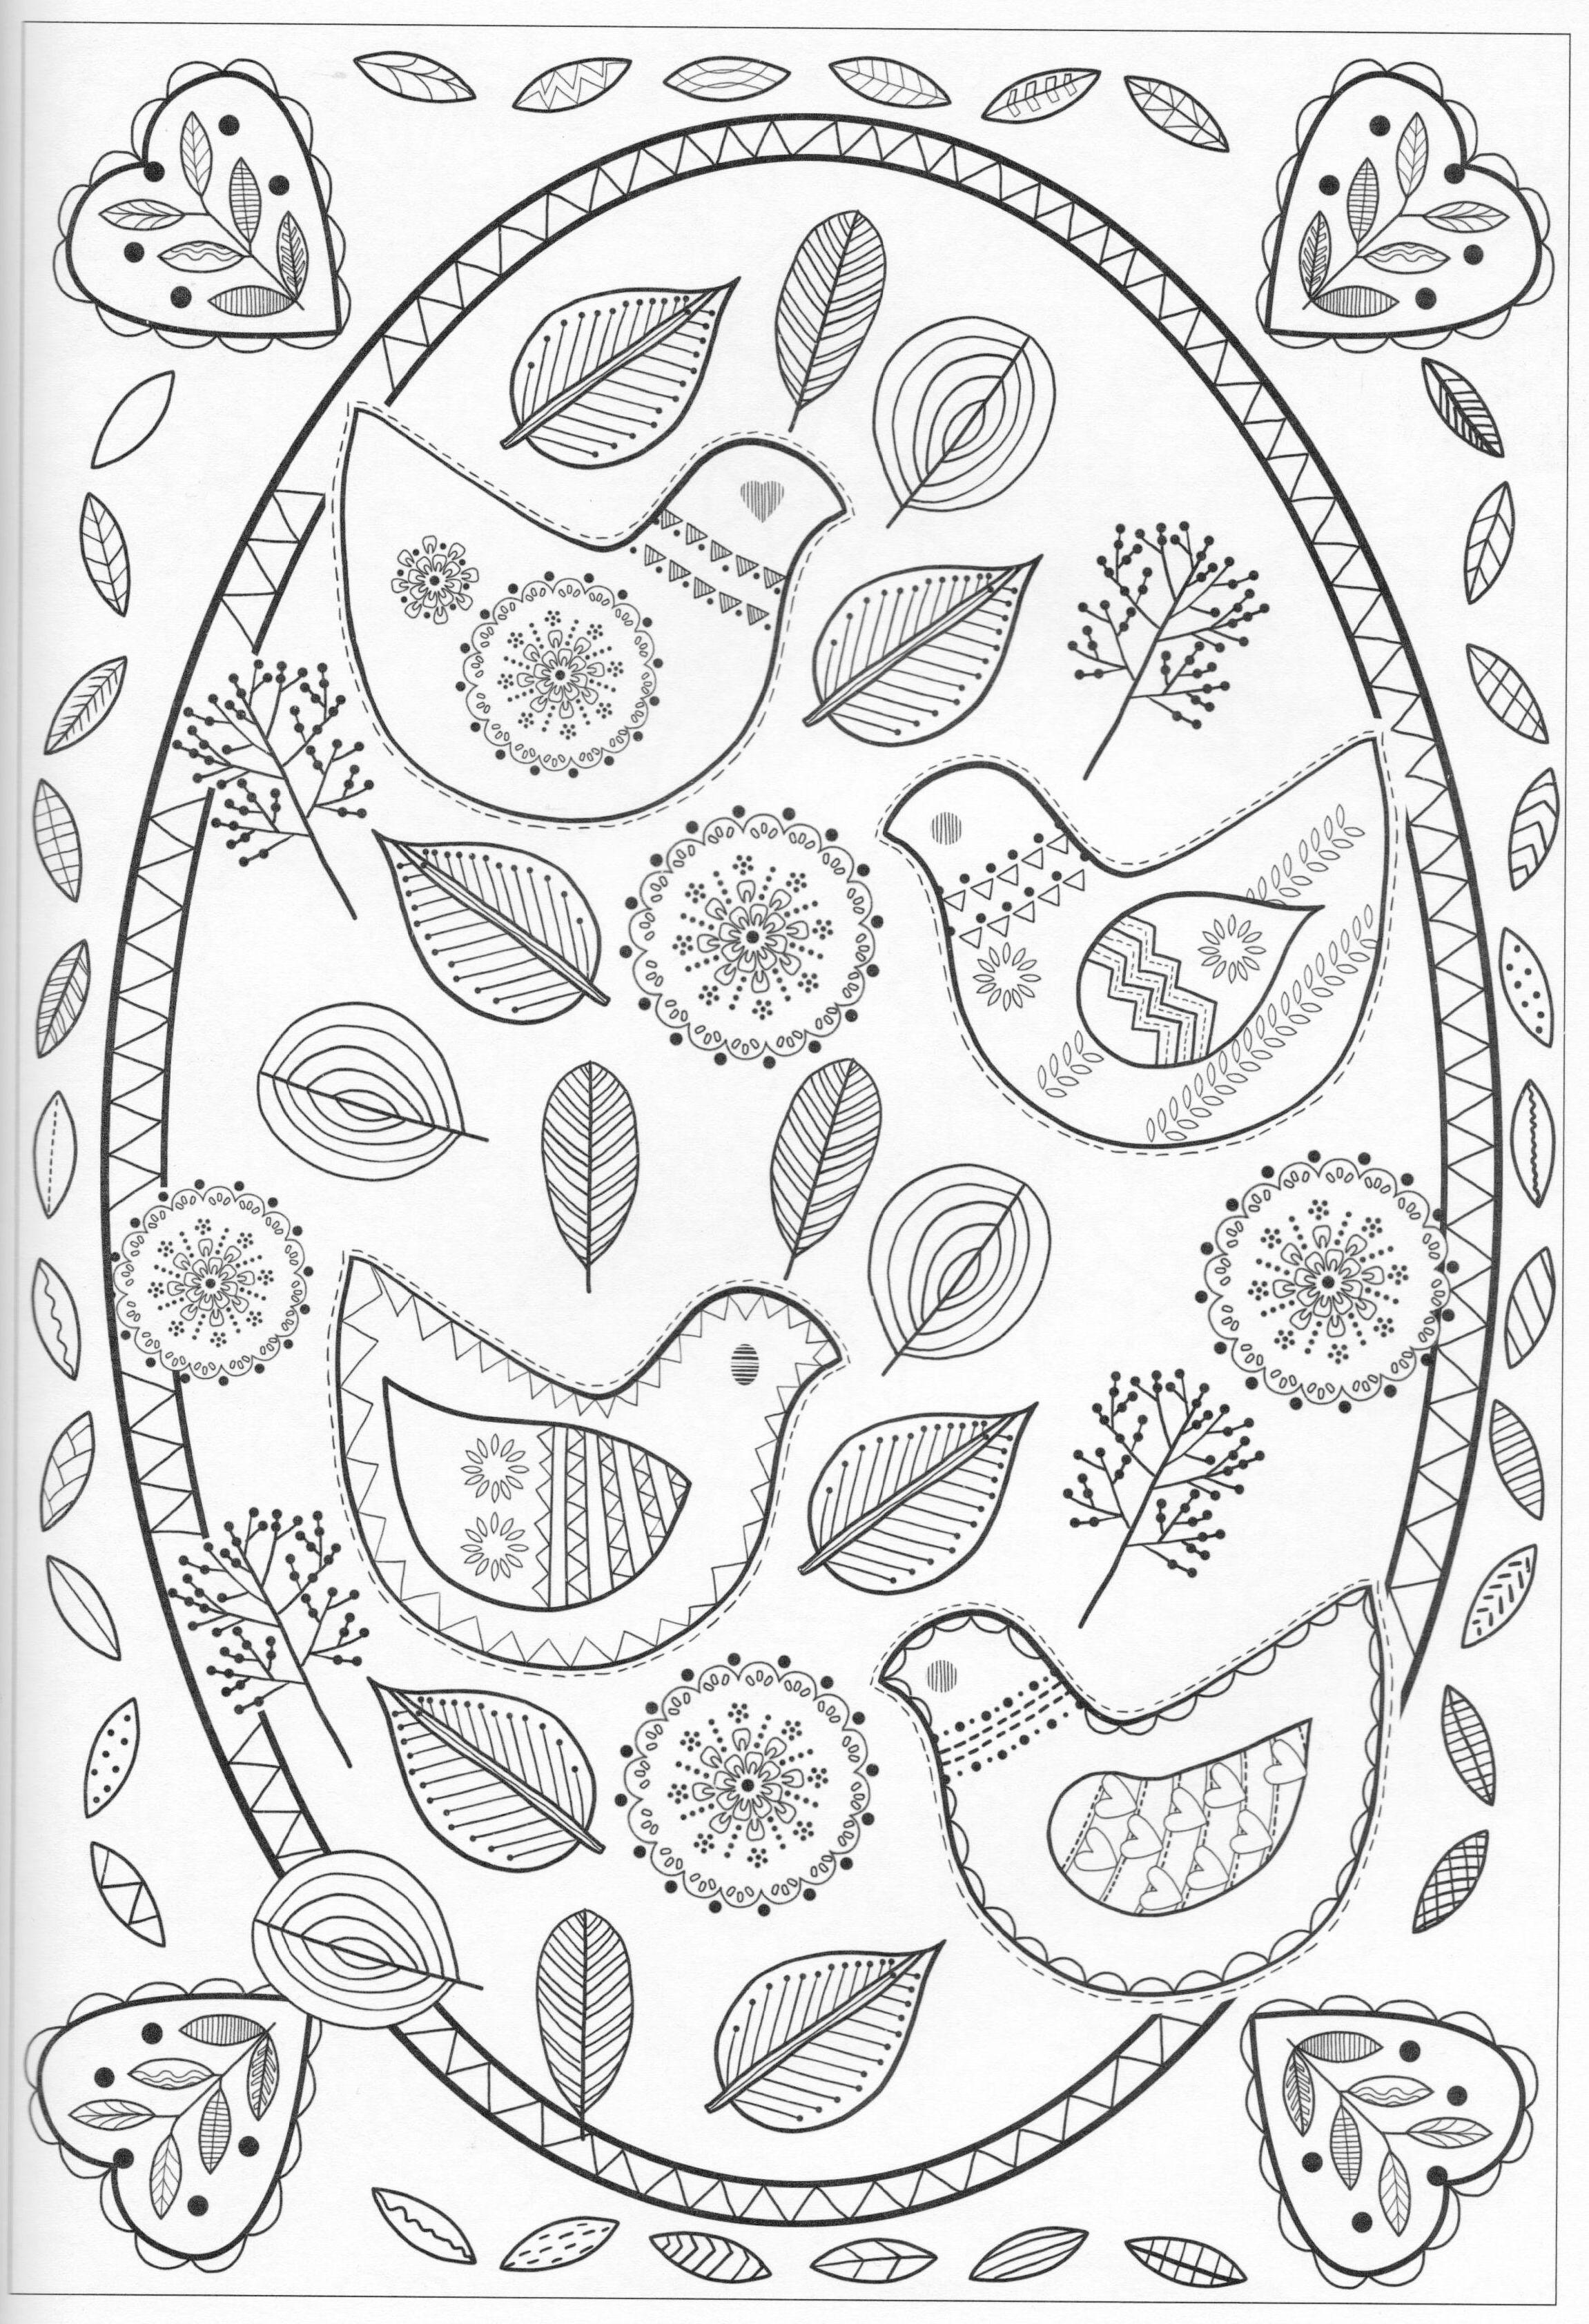 Kleeblatt Zum Ausmalen Einzigartig Frohe Ostern Bilder Zum Ausmalen Unique S Kleeblatt Zum Bild